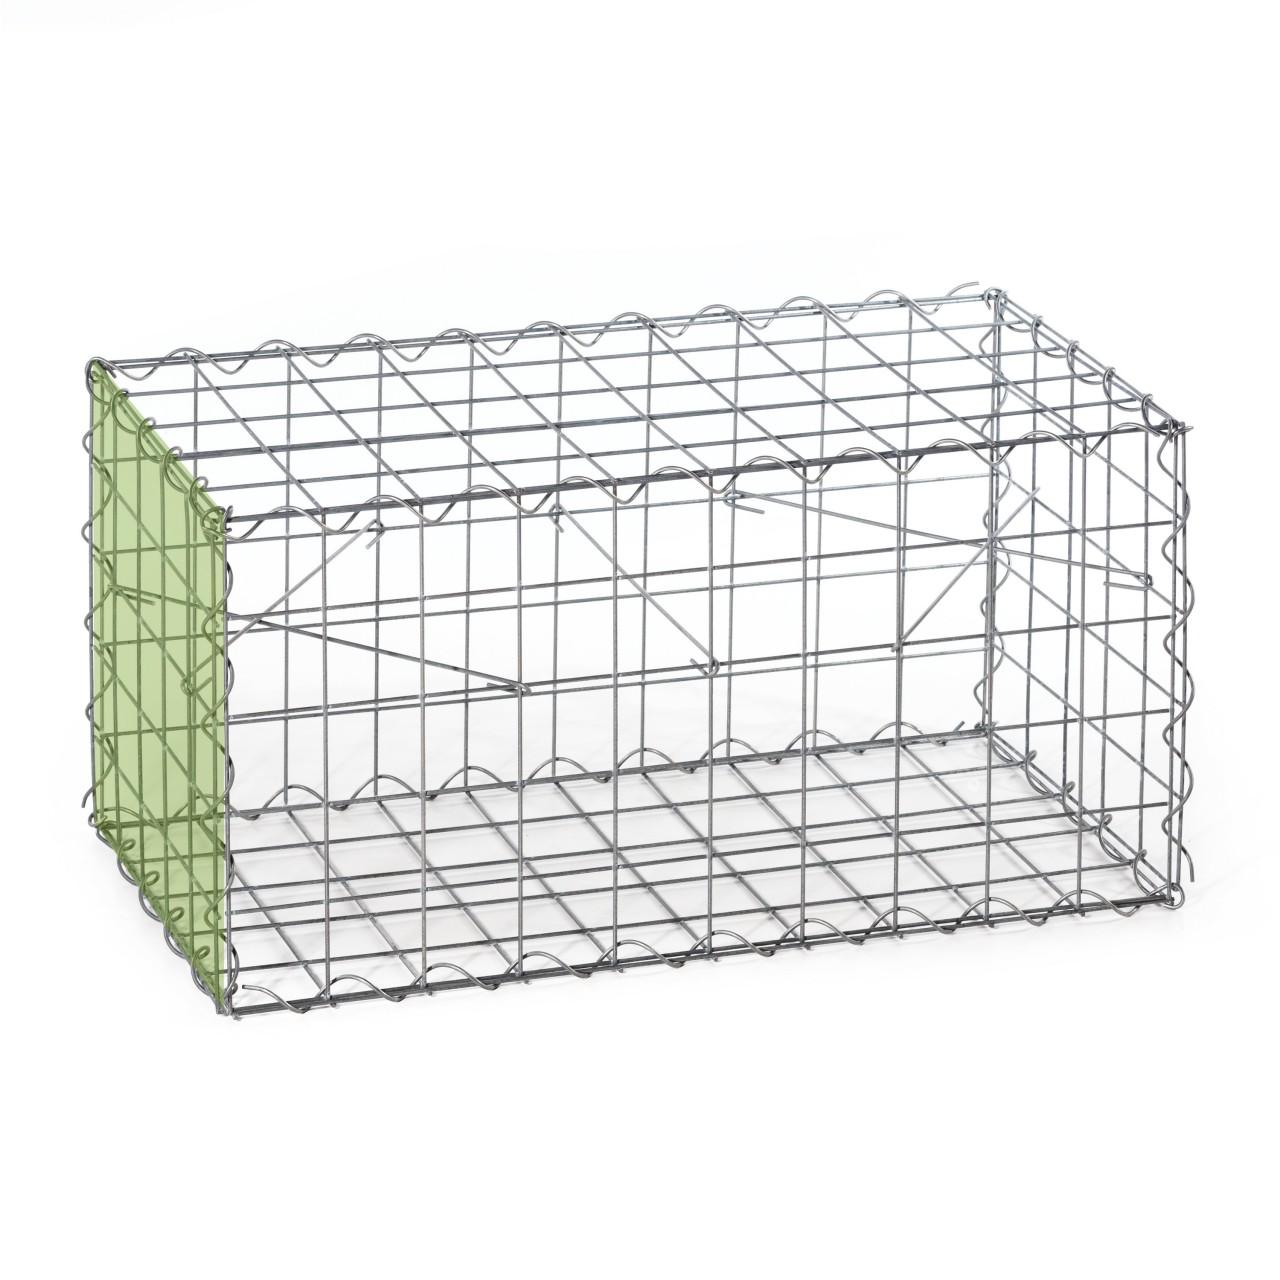 gabionenanbaukorb typ b korb b 1000 x 500 x 500 mm mw. Black Bedroom Furniture Sets. Home Design Ideas